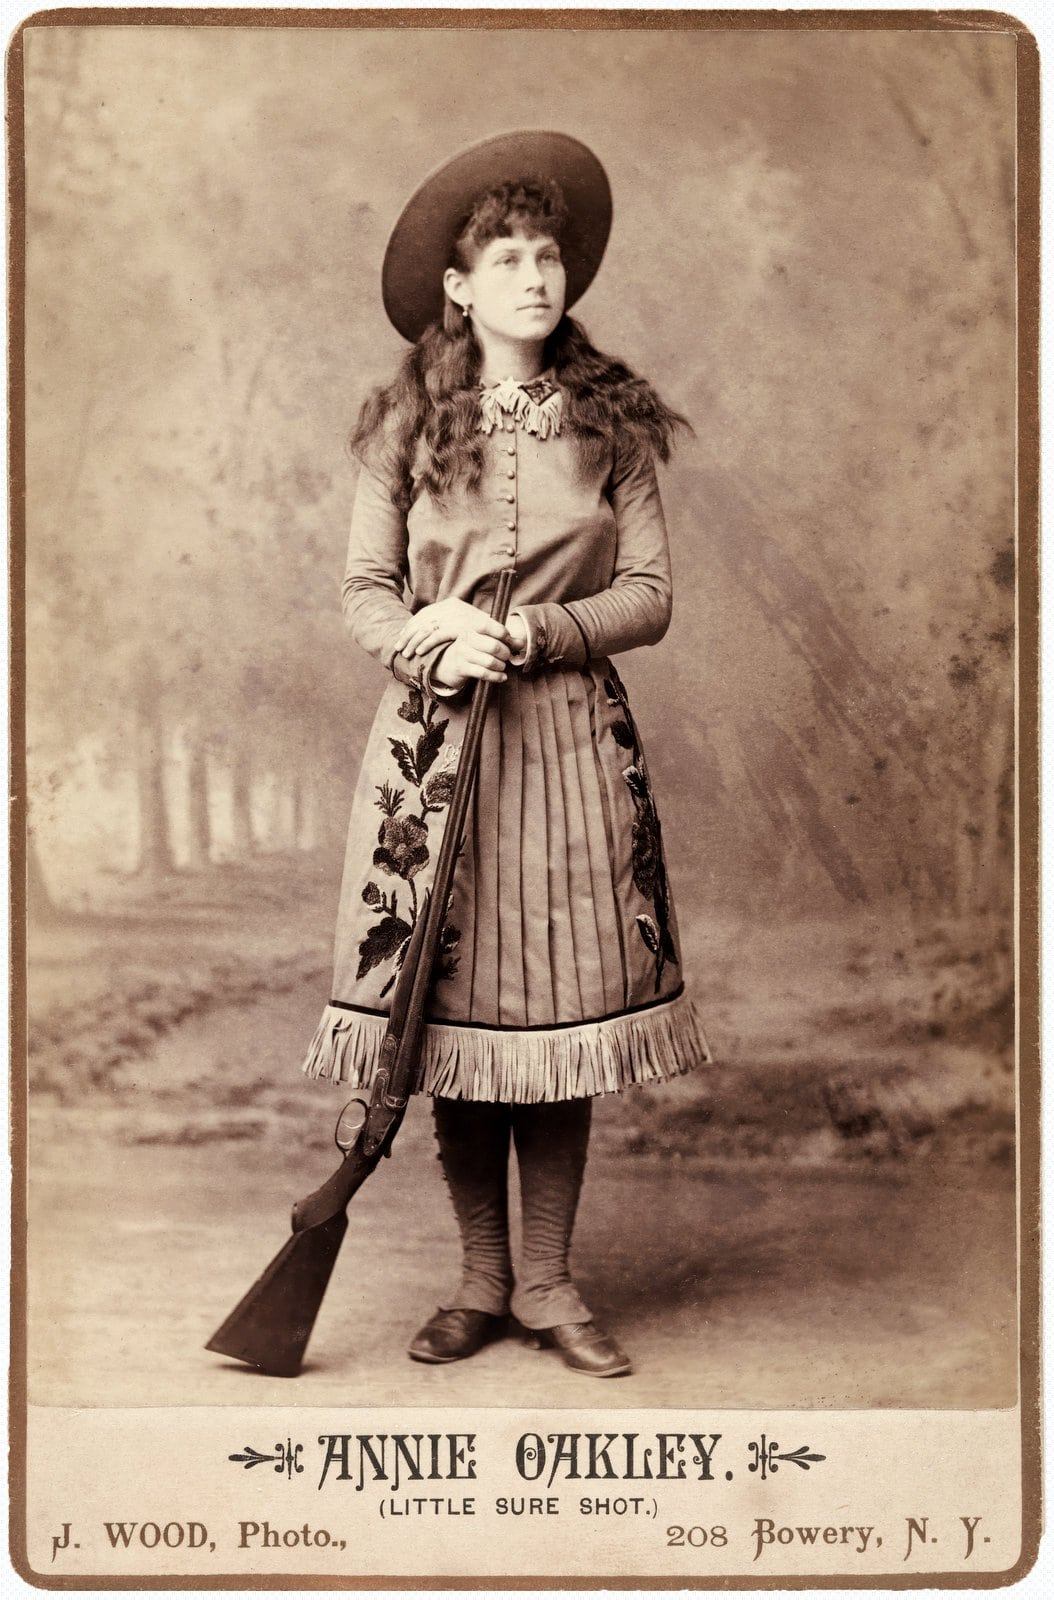 Sharpshooter Annie Oakley - Little Sure Shot